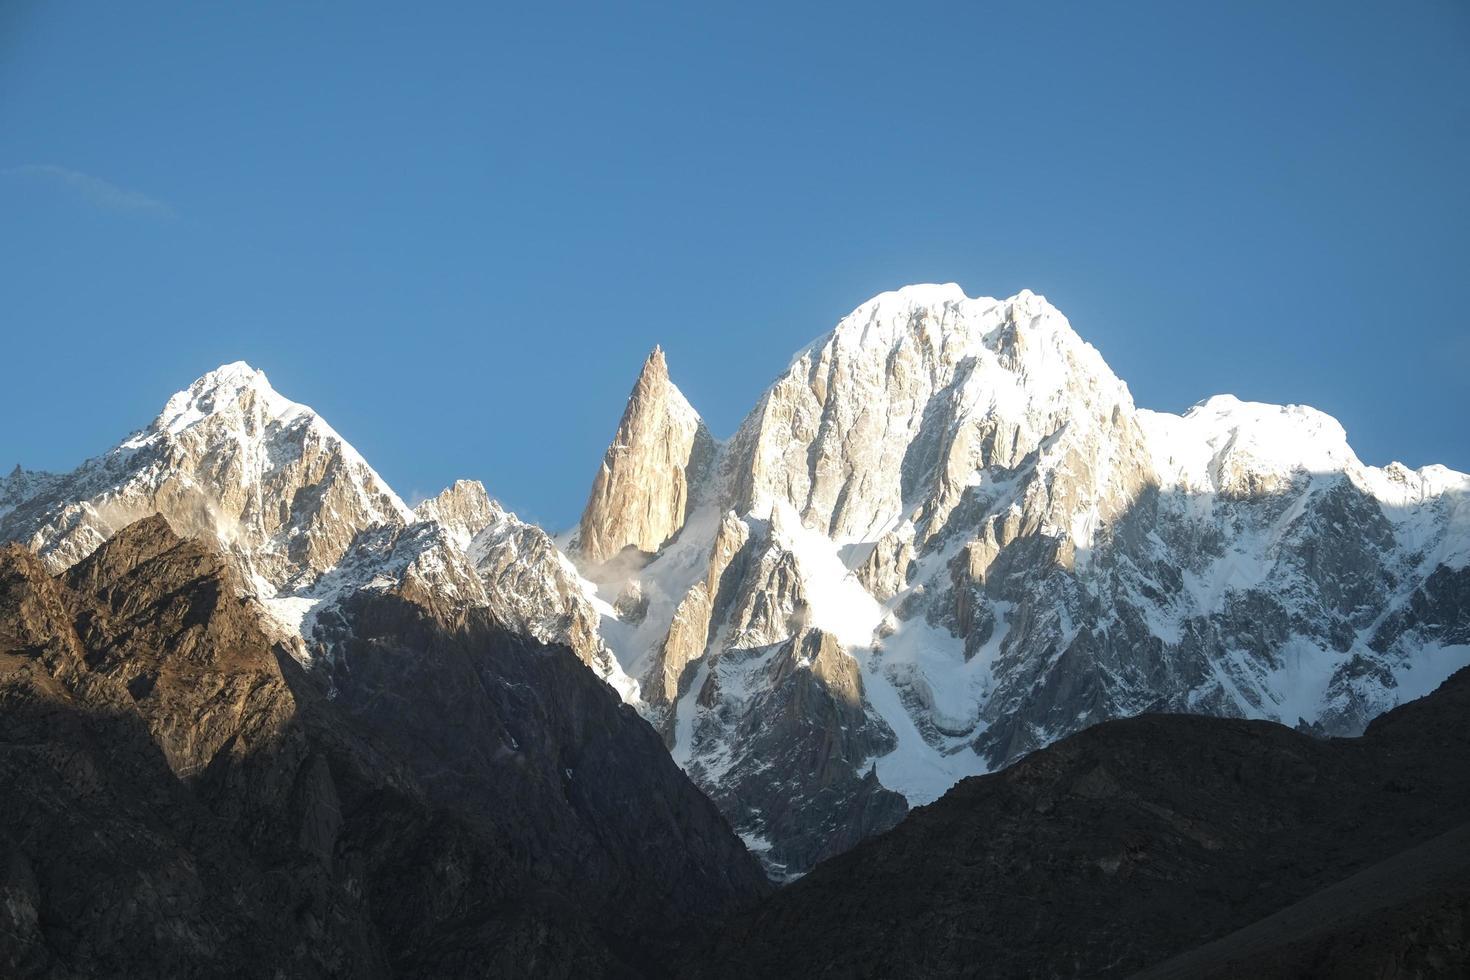 montaña nevada del pico de ladyfinger en el valle de hunza, pakistán foto